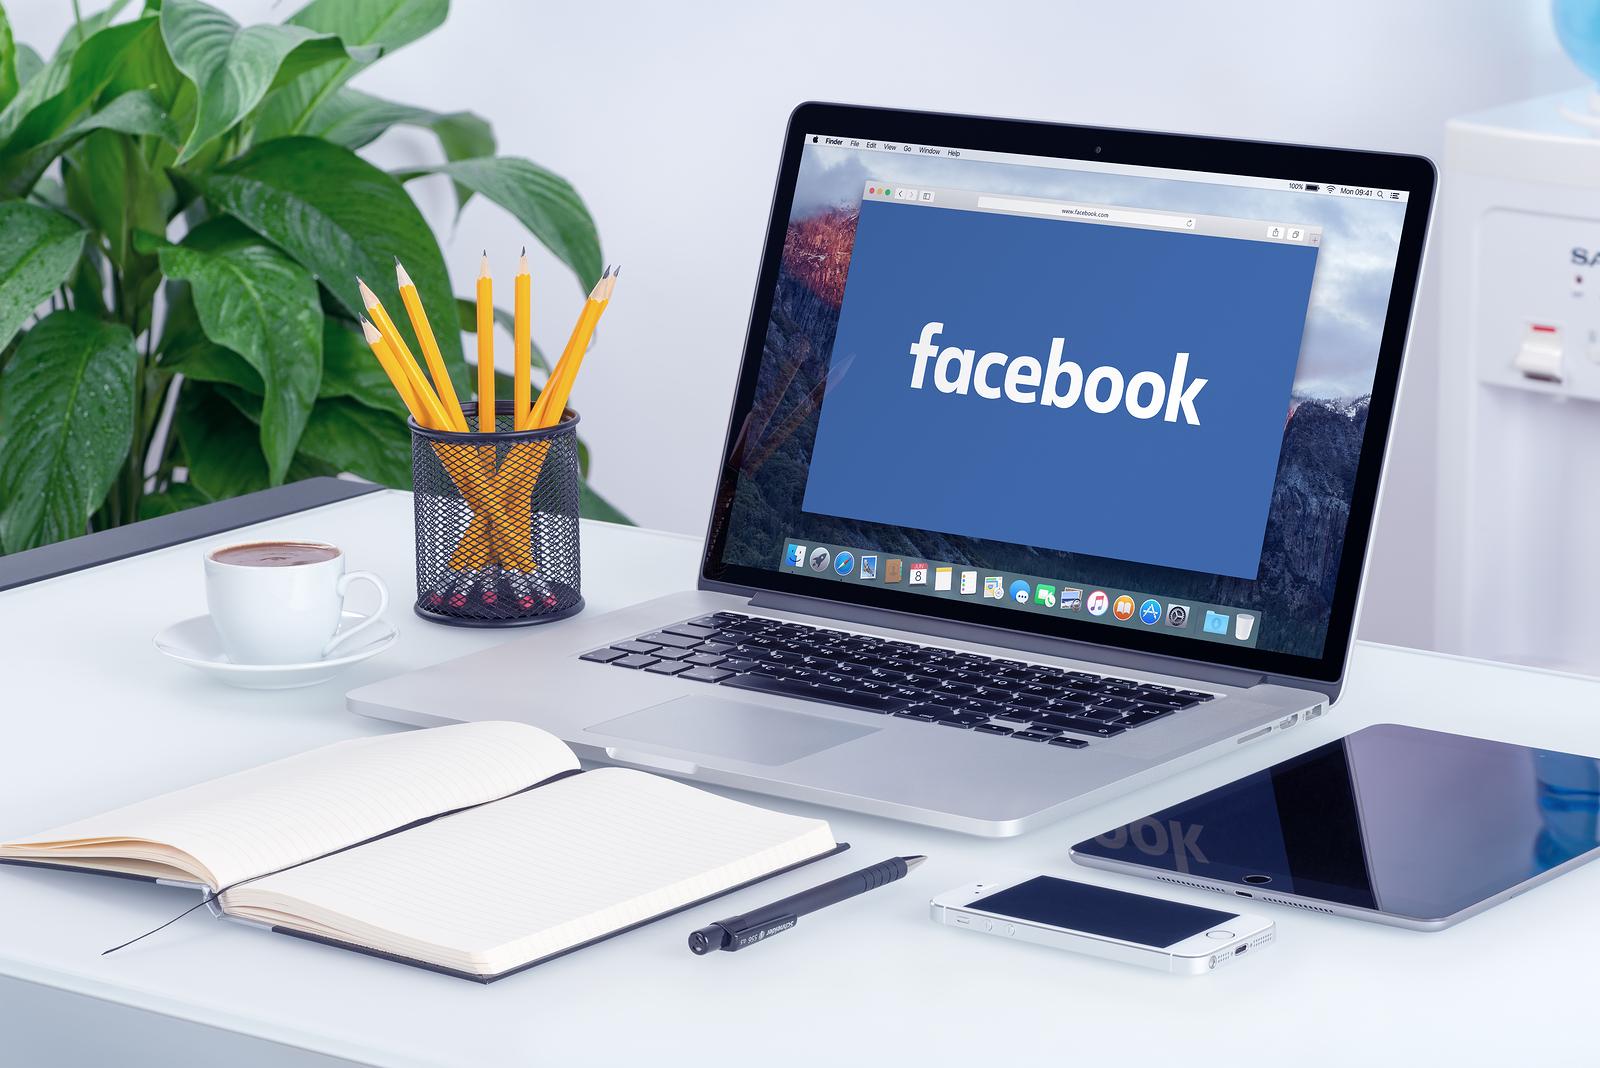 Facebooklogga på skärm. Facebookannons